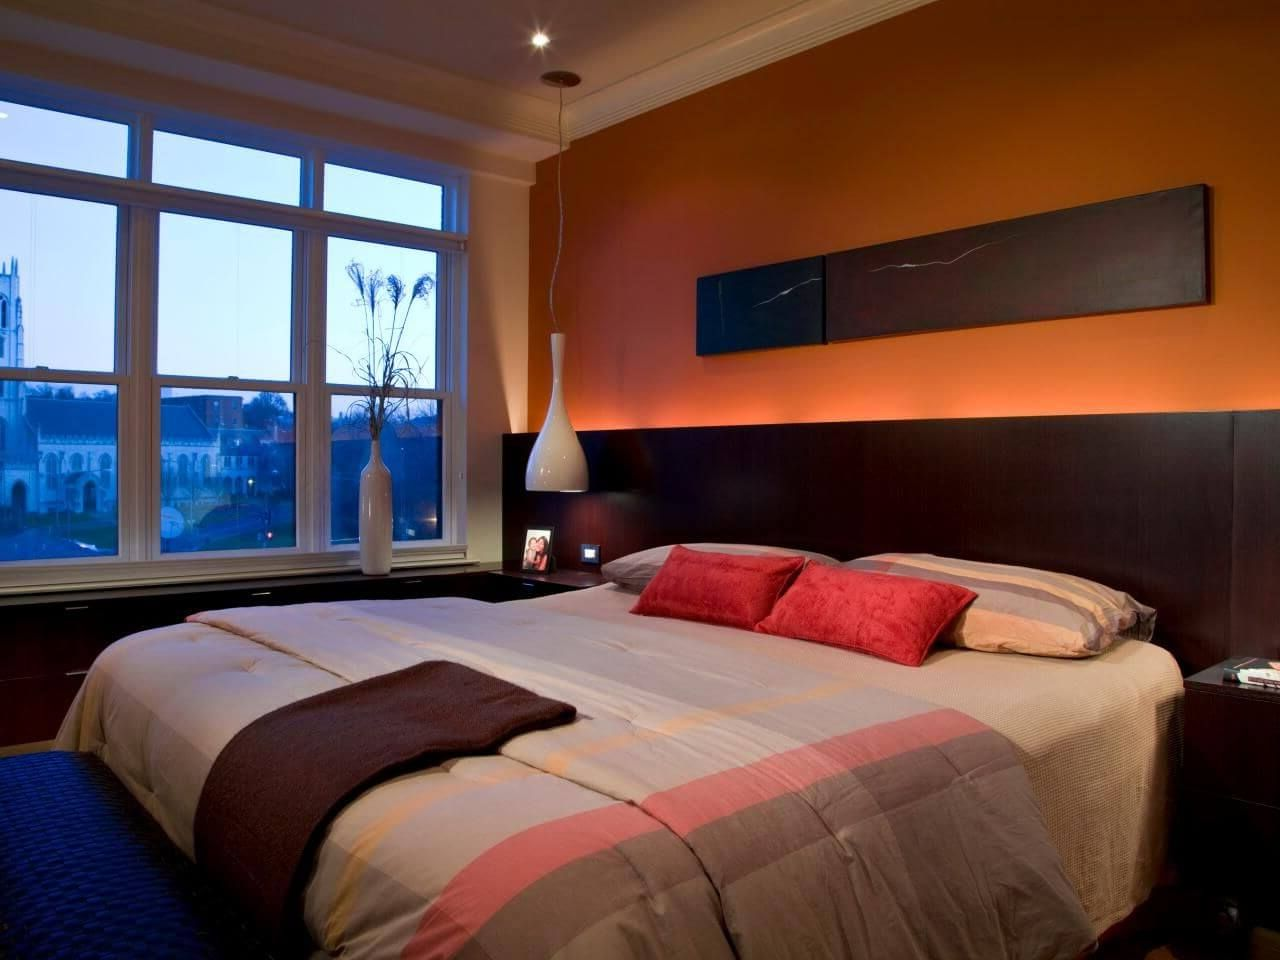 оранжевая подсветка в спальне